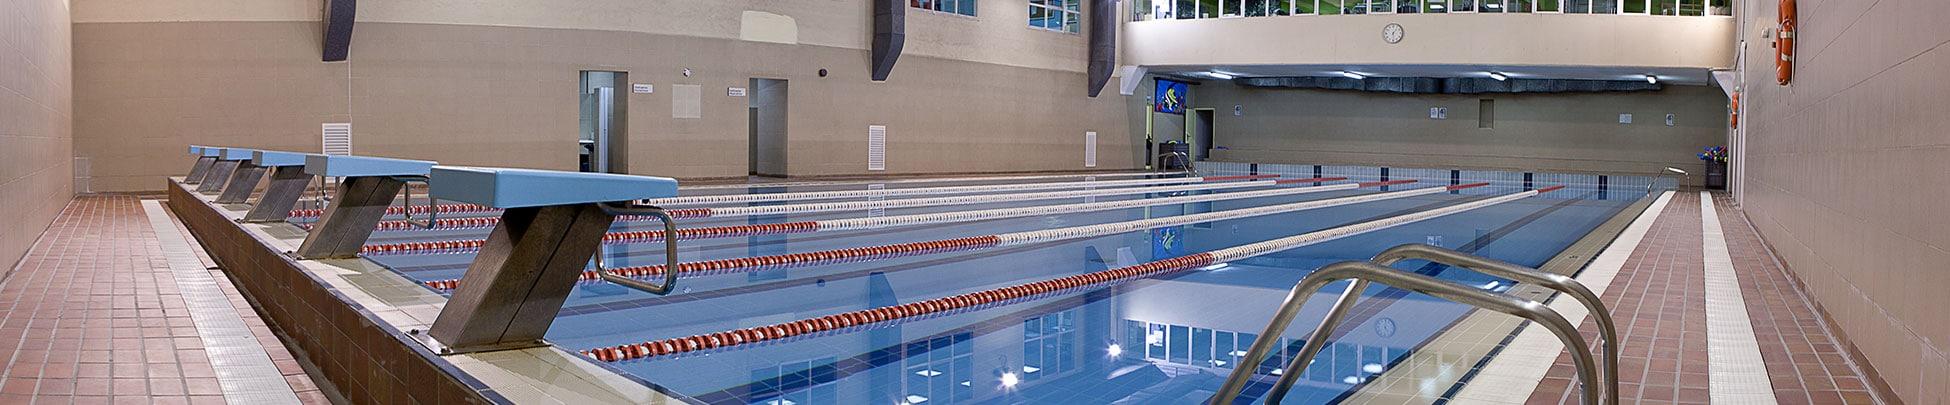 piscina-cubierta-centro-deportivo-el-pilar